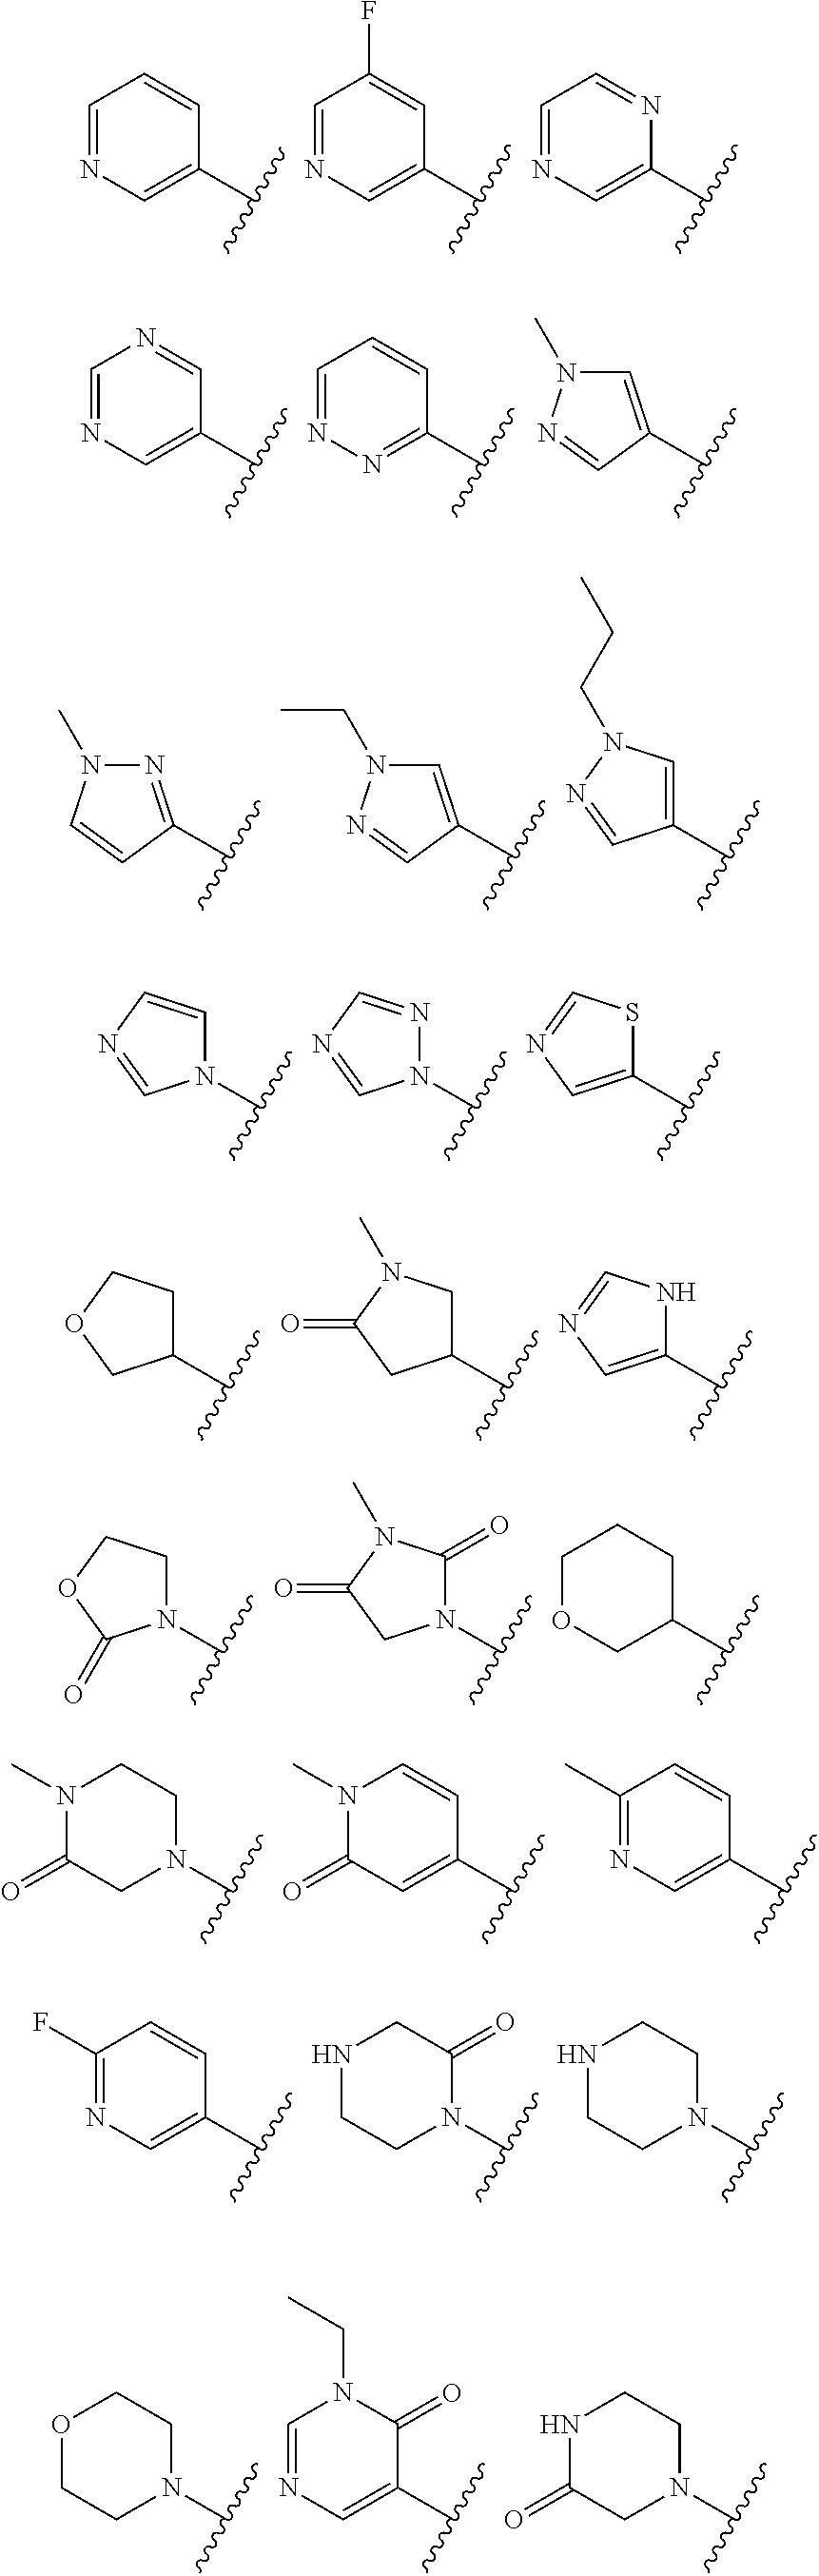 Figure US09850239-20171226-C00004